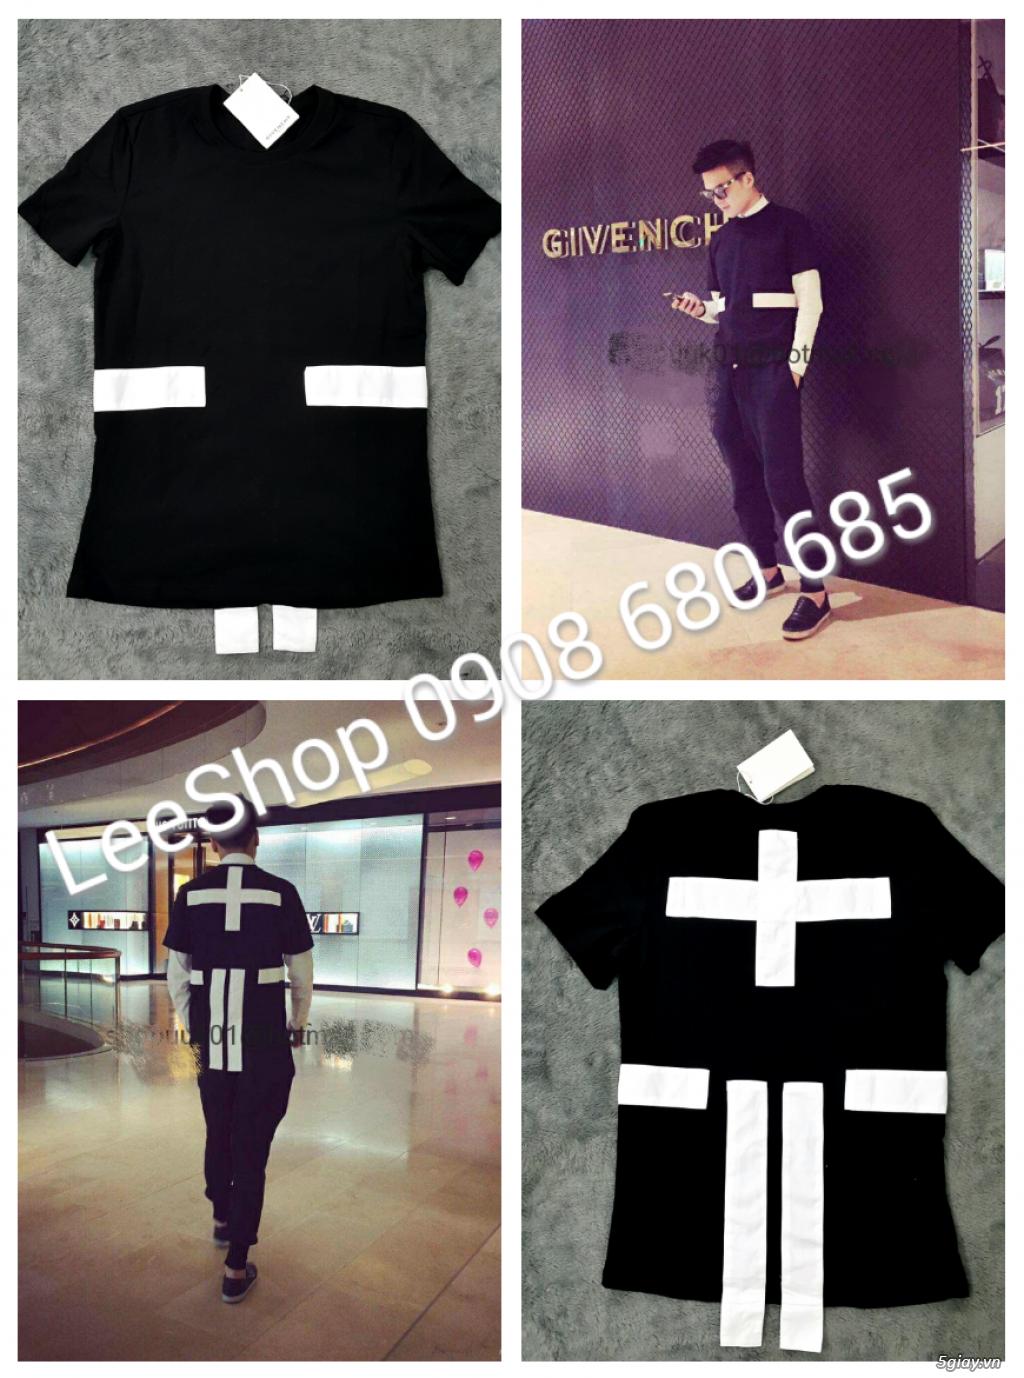 LeeShop_Chuyên quần áo thời trang - 15